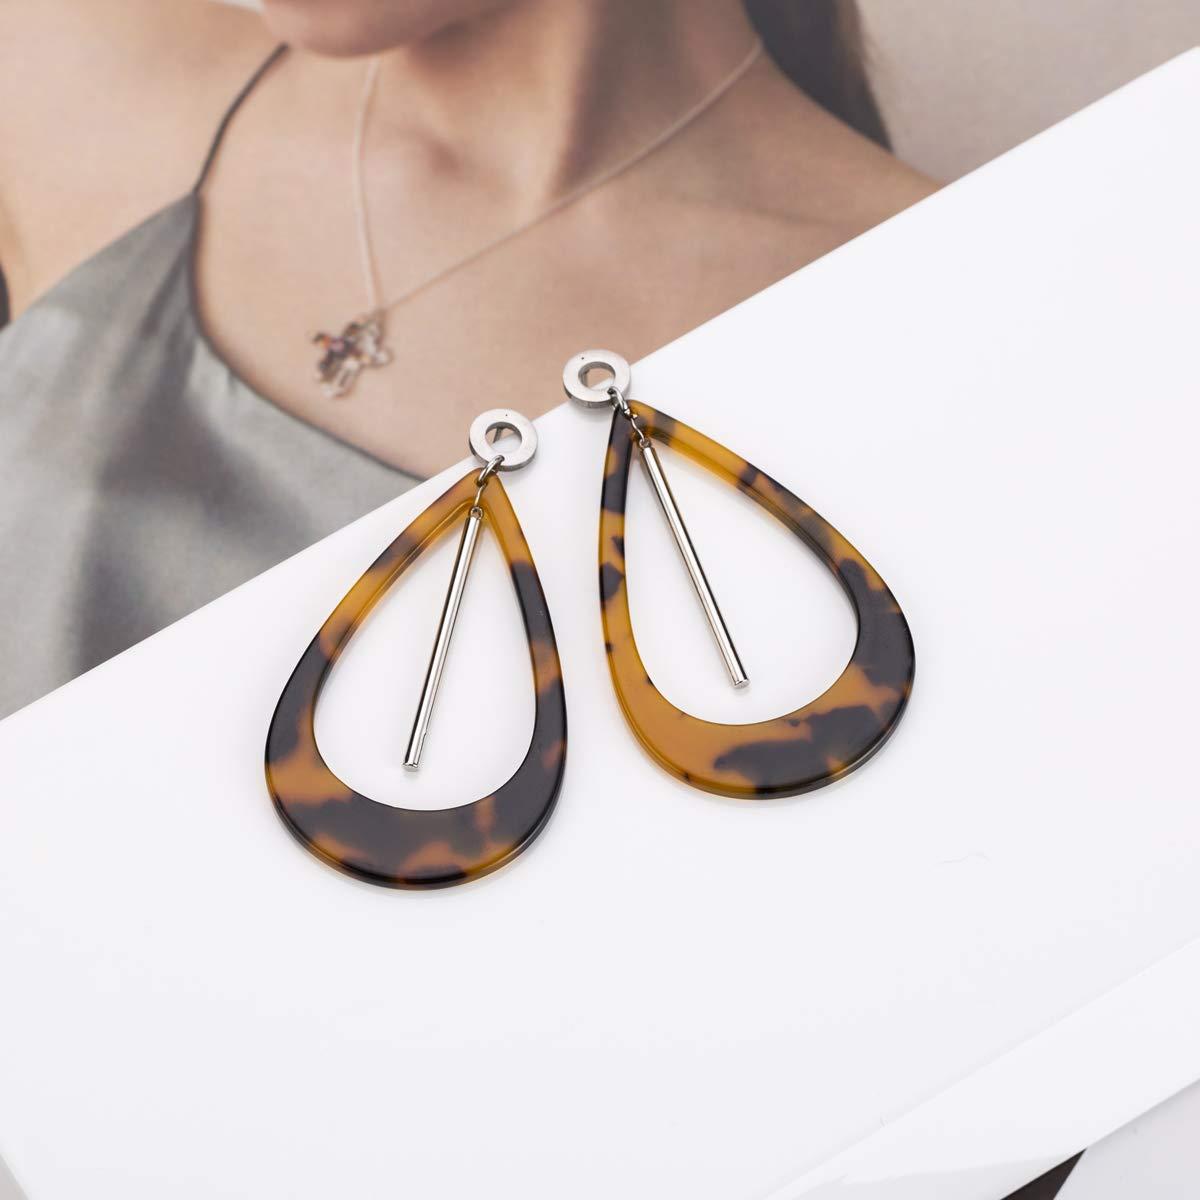 Acrylic Earrings for Women Tortoise Shell Earrings Leopard Earrings Bohemia Style Gifts for Girls